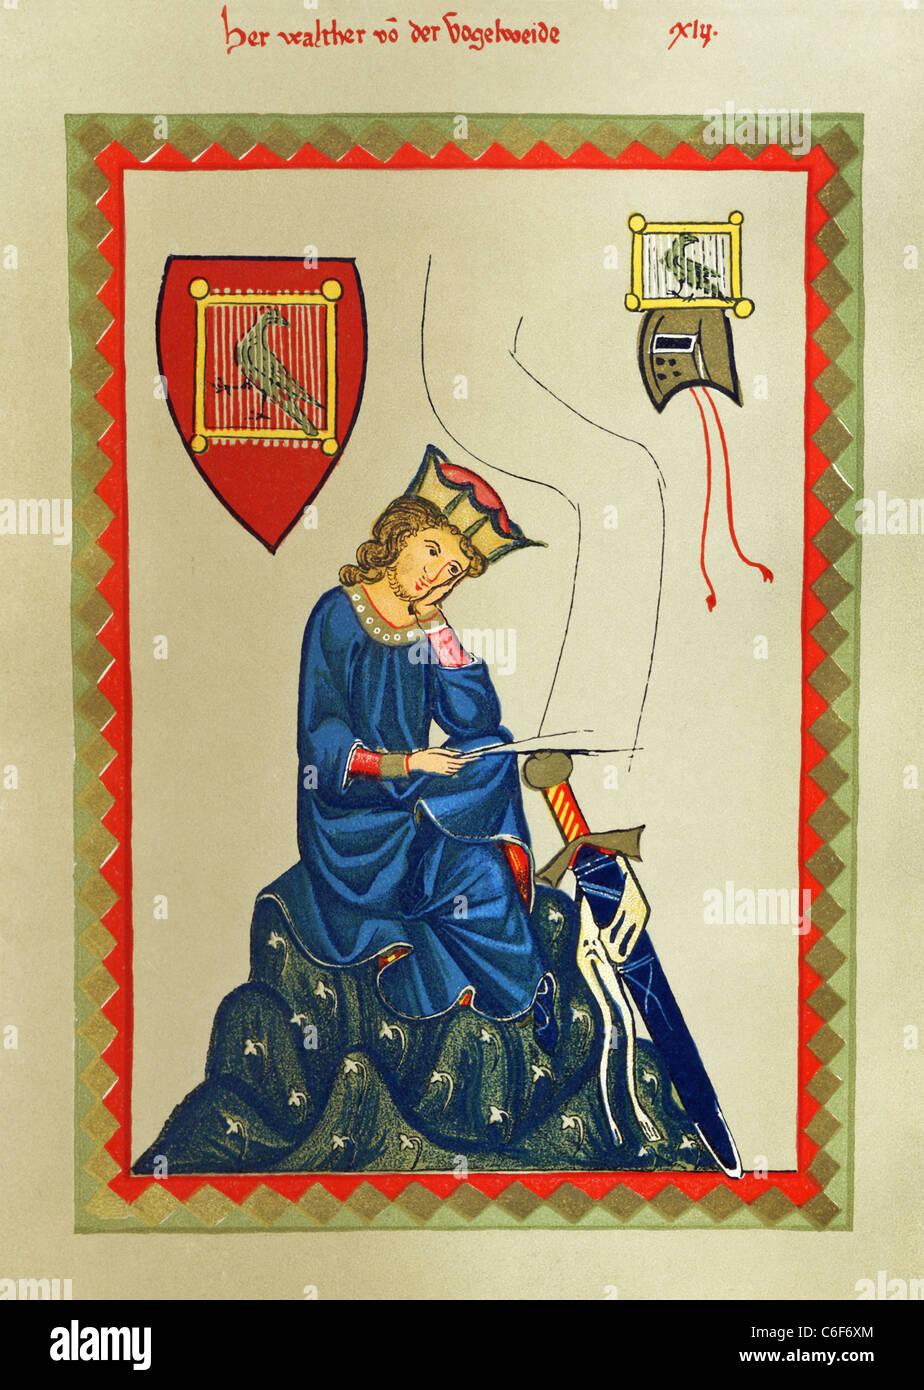 Walther von der Vogelweide (c. 1170-c. 1230) war eine renommierte mittelhochdeutschen Lyriker. Er war auch ein Komponist. Stockbild